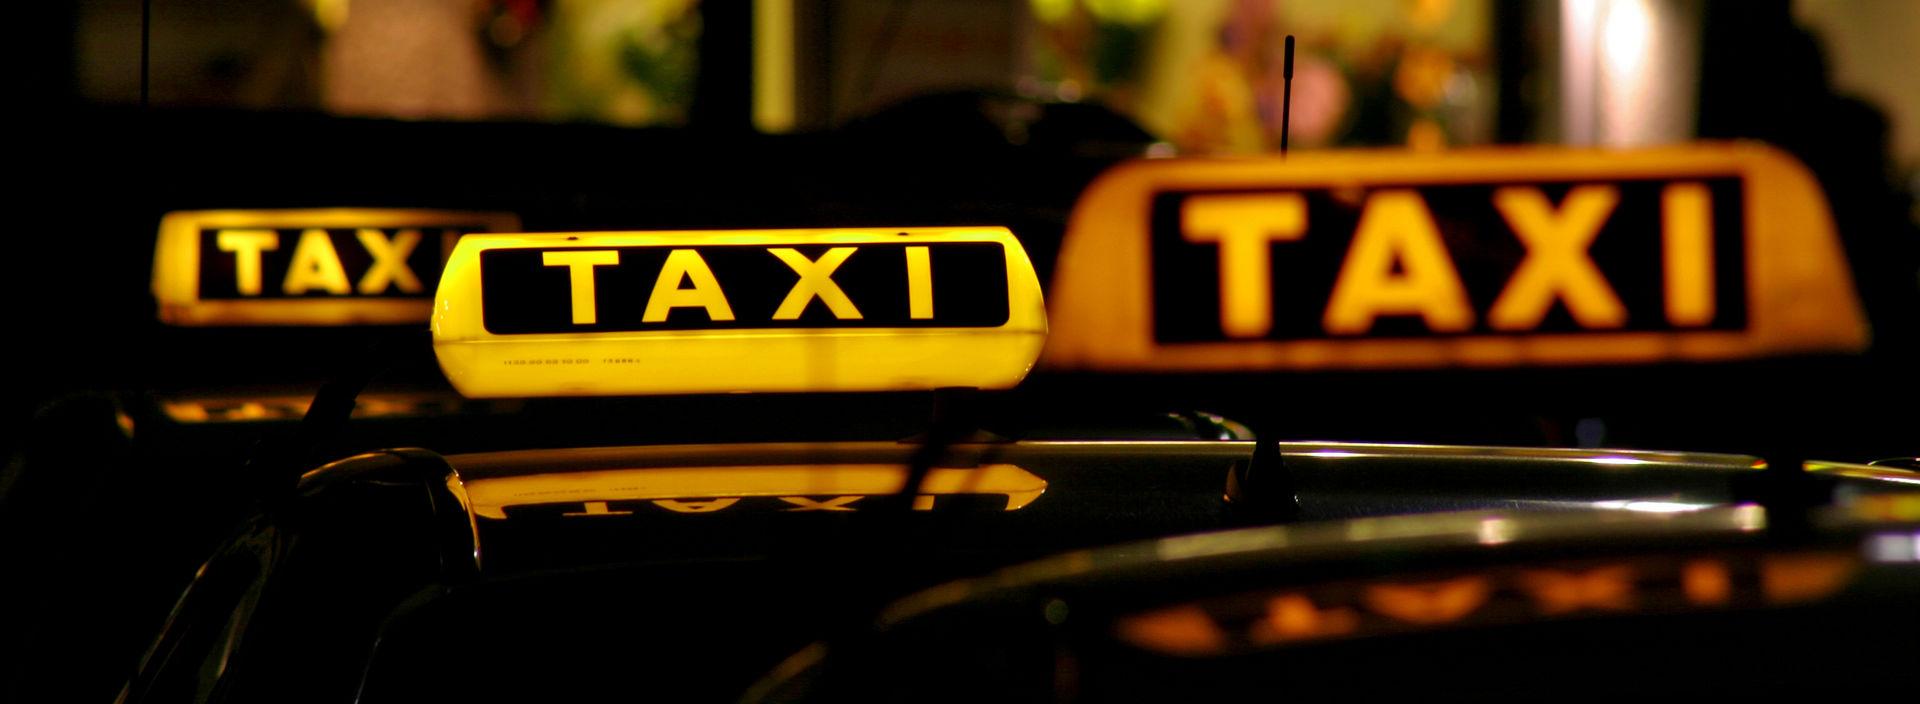 택시 광고